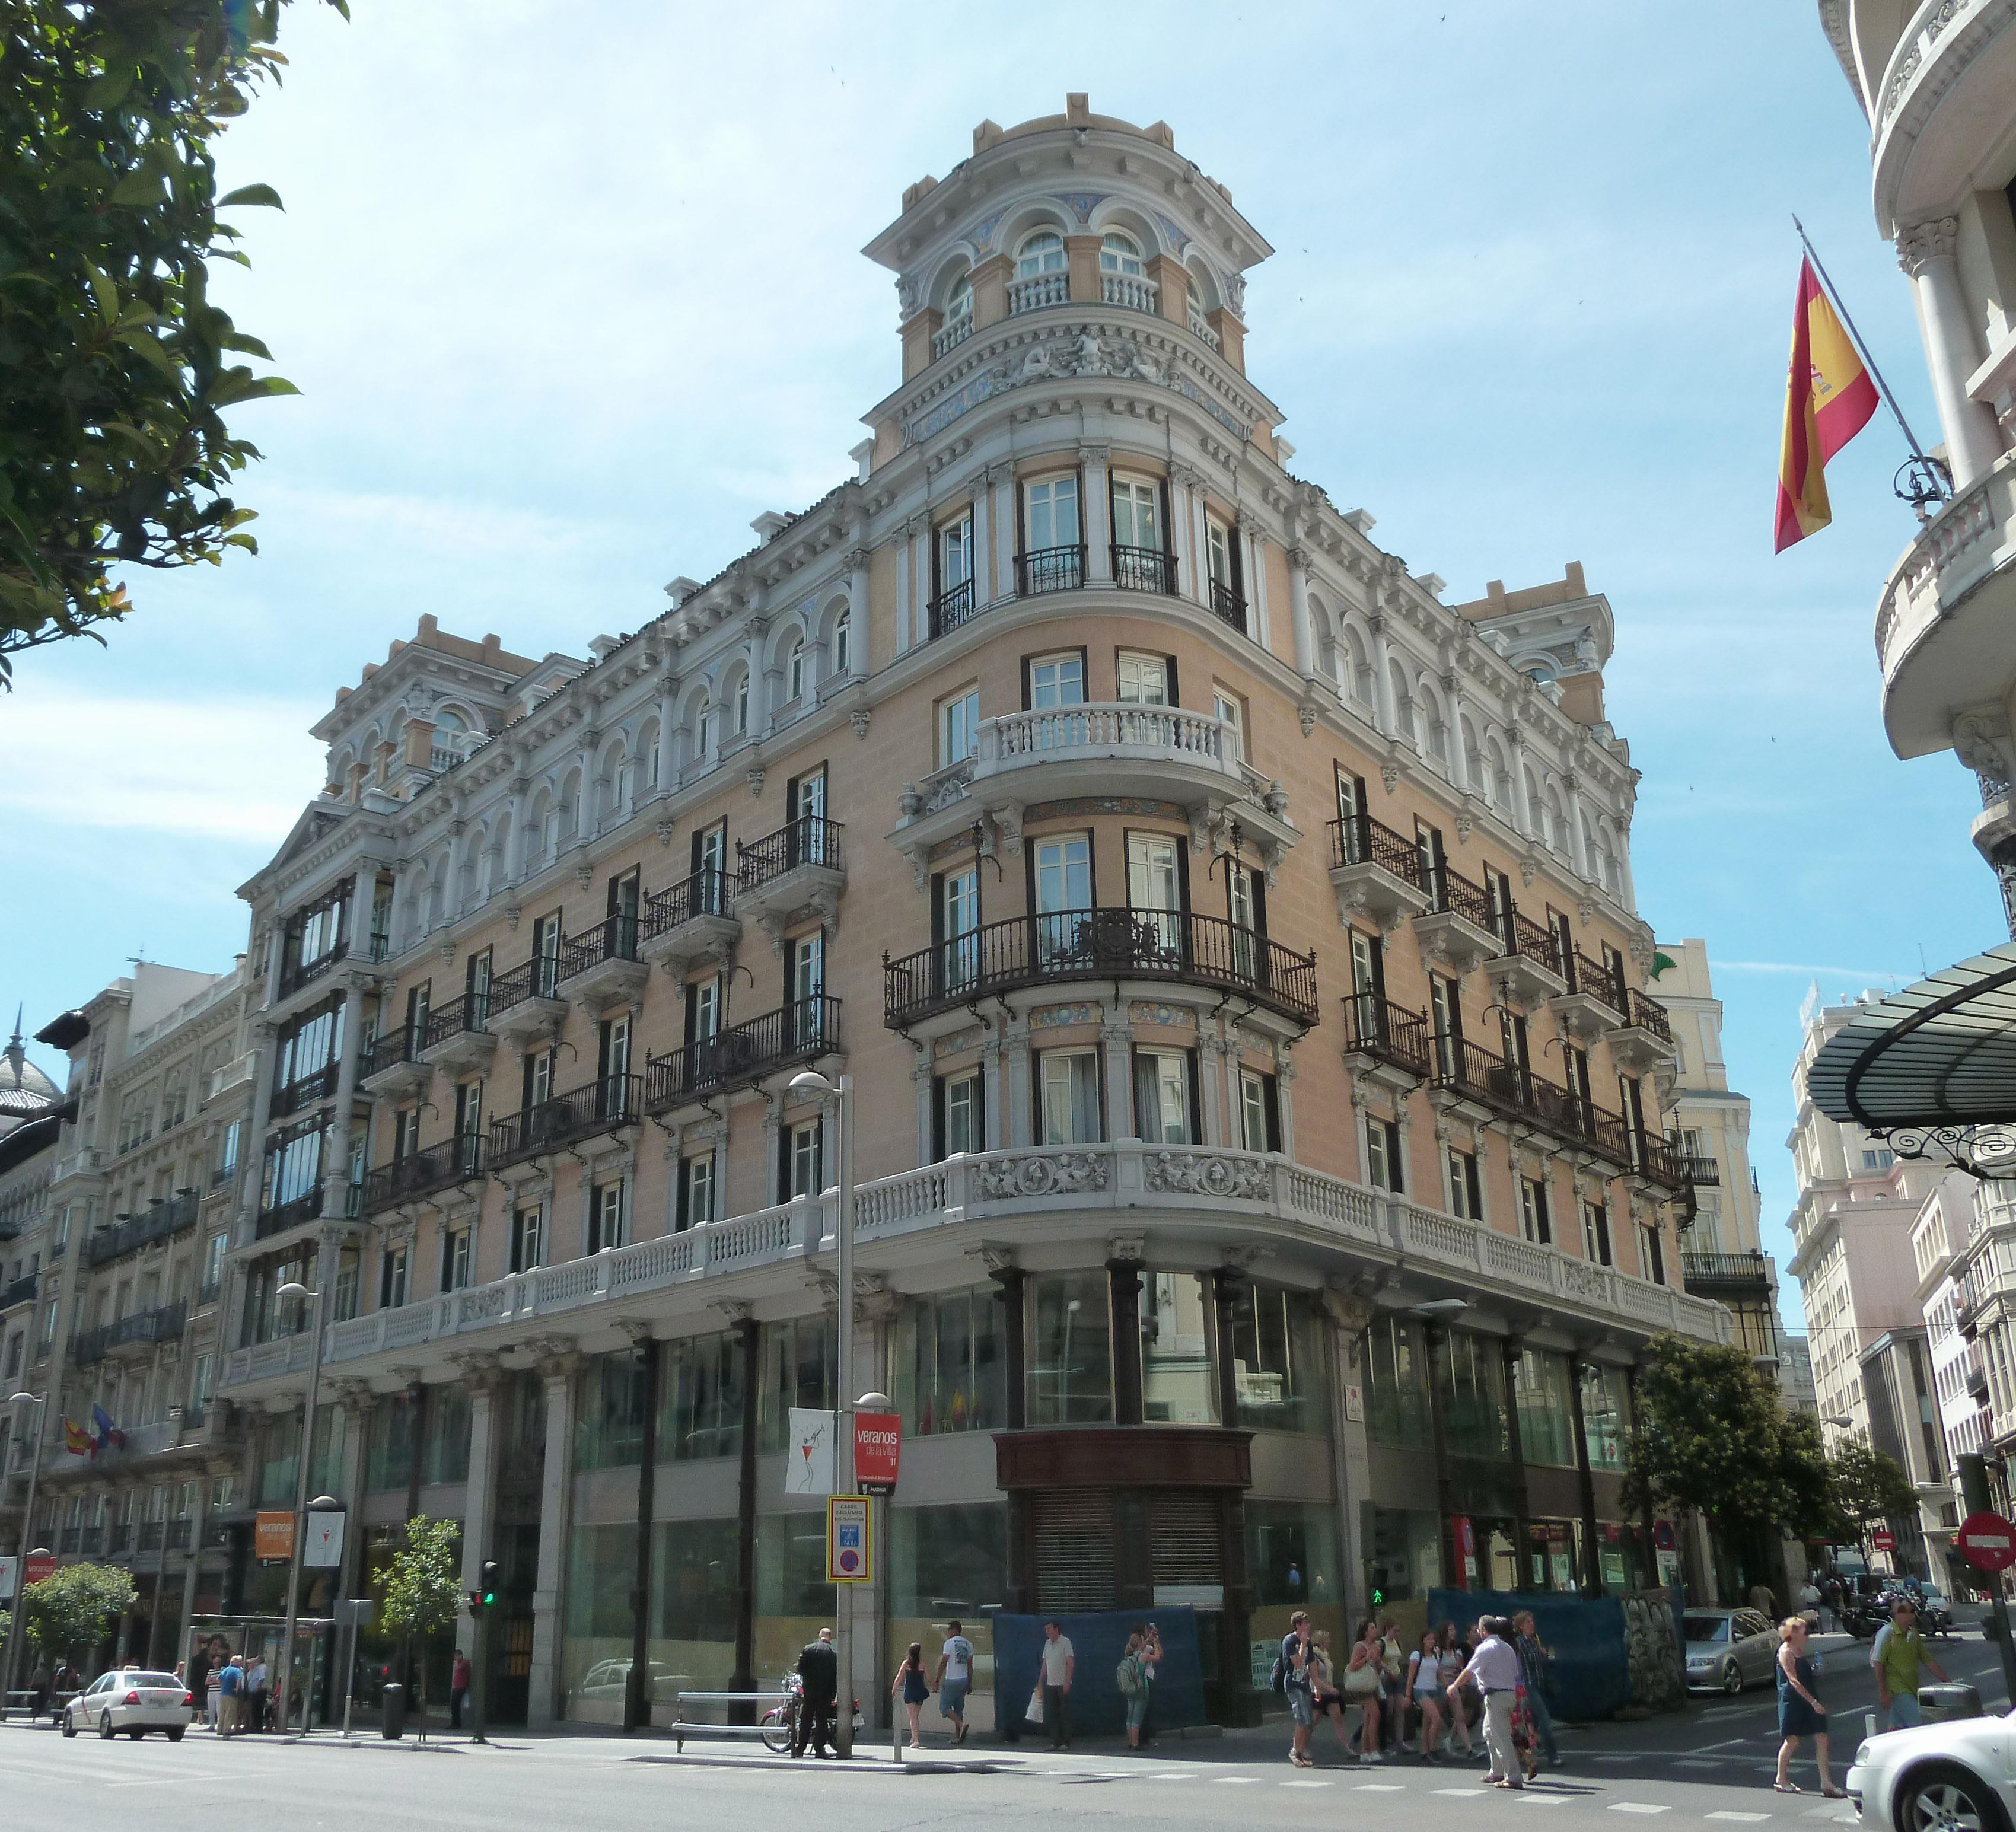 File:Hotel de las Letras (Madrid) 01.jpg - Wikimedia Commons